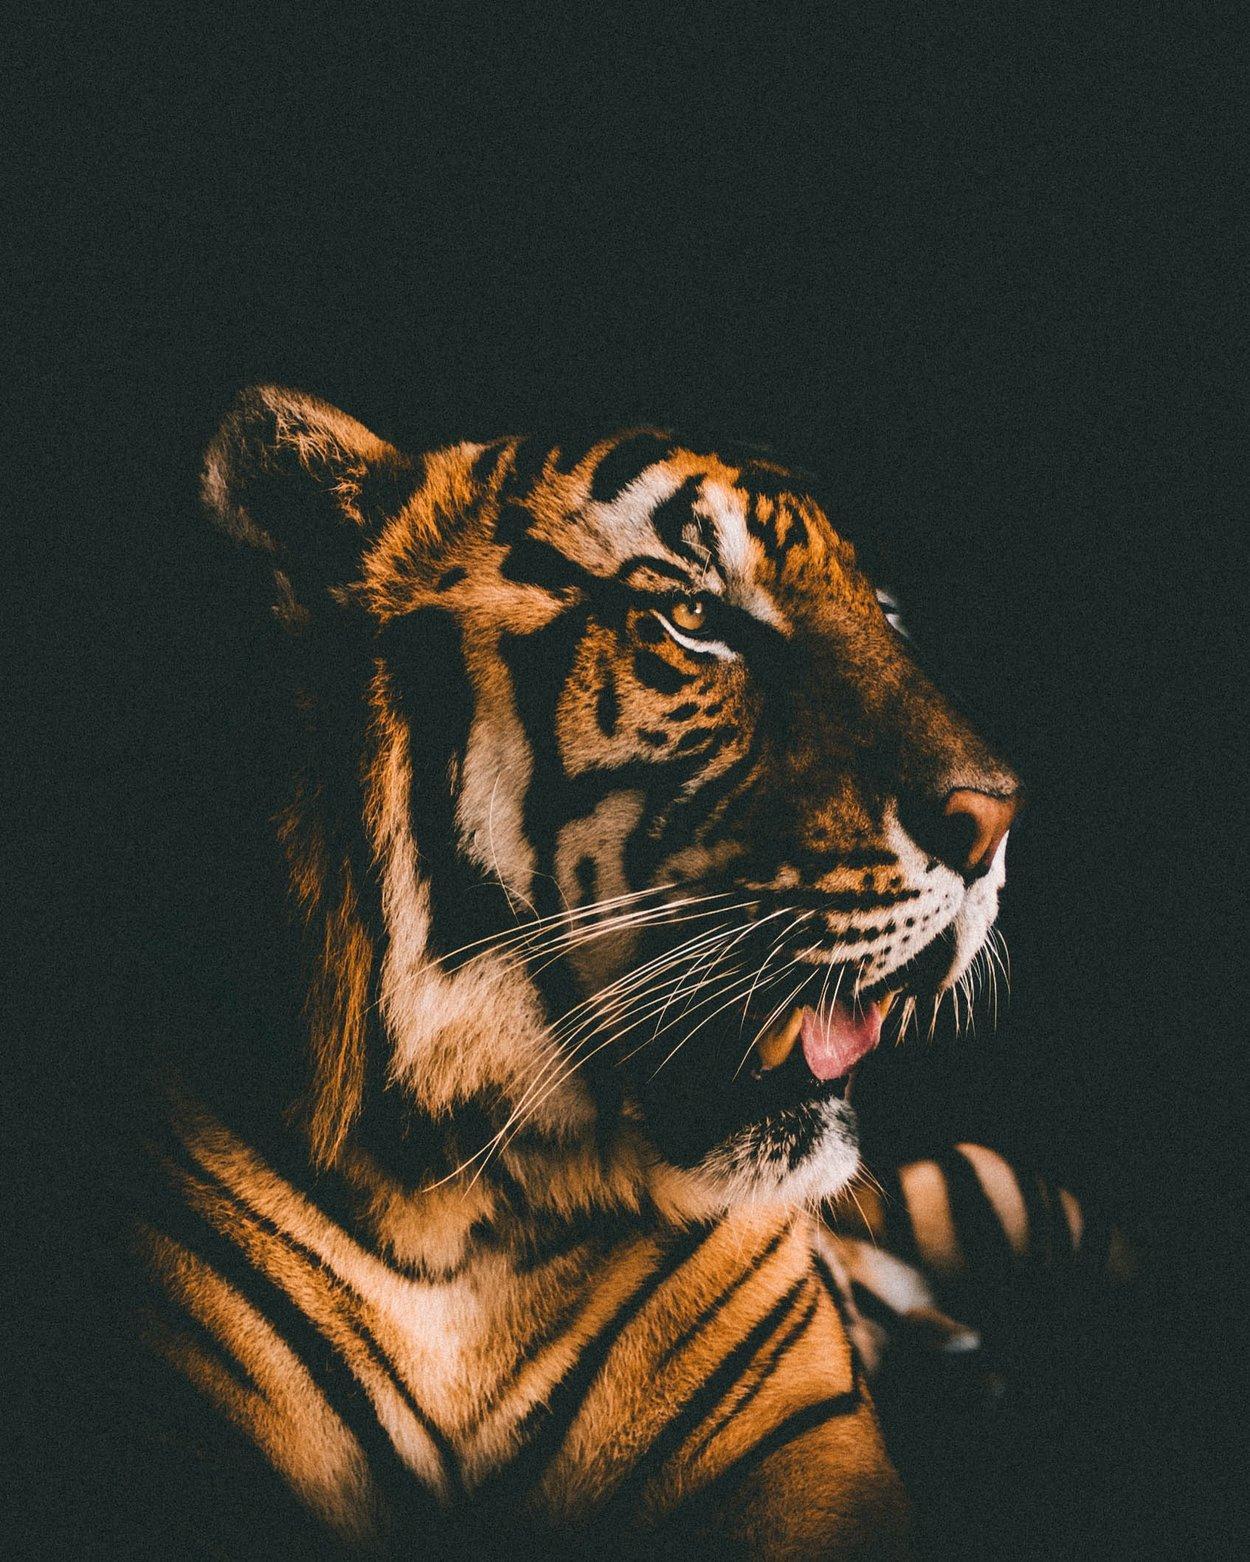 Tiger-Tattoo Portrait